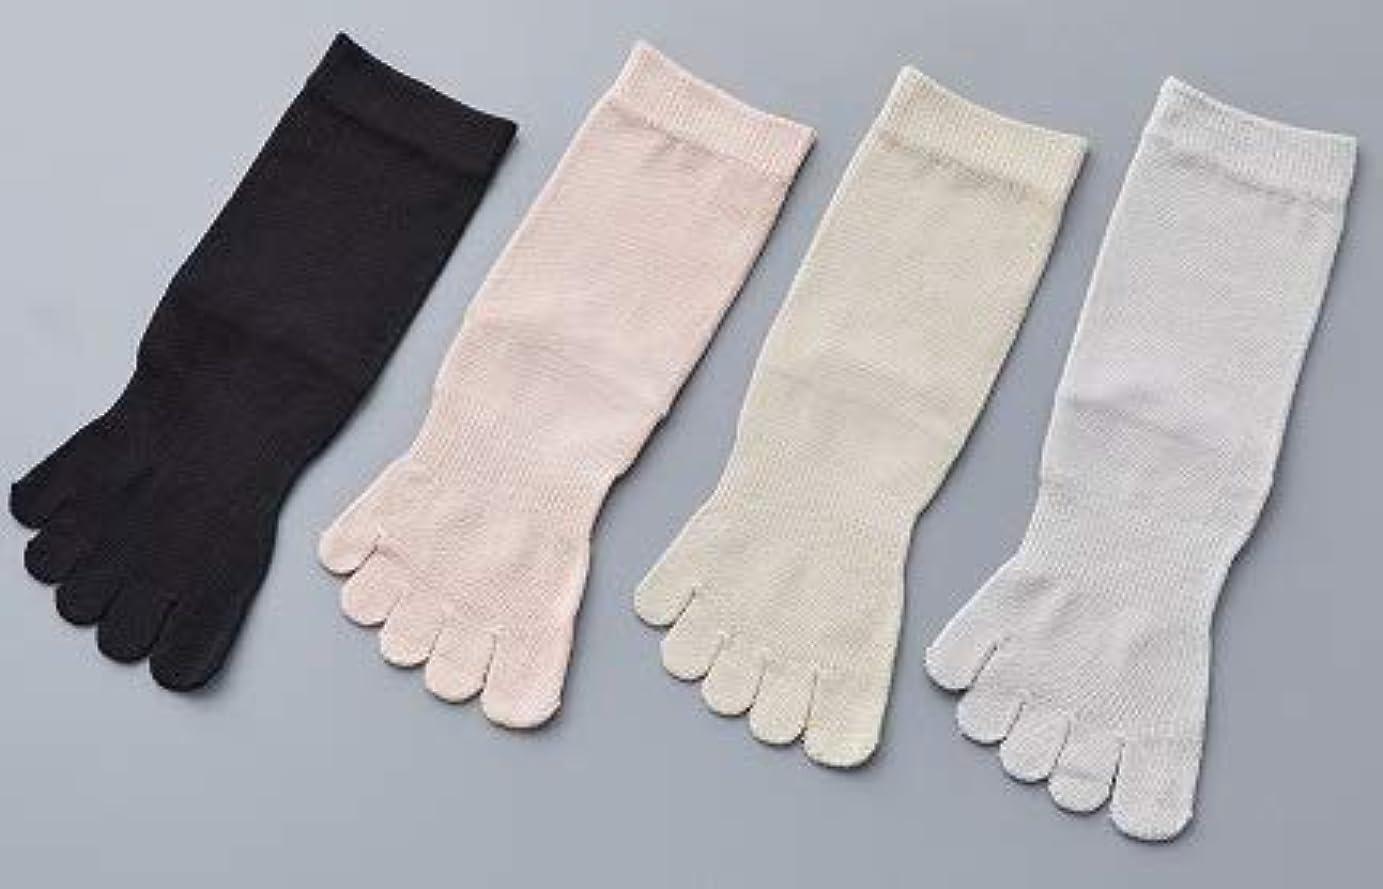 ビデオ公平すり減る婦人 シルク 5本指 靴 下最高級 シルク100% 使用 プレゼントに最適 22-24cm 太陽ニット S90 (グレー)